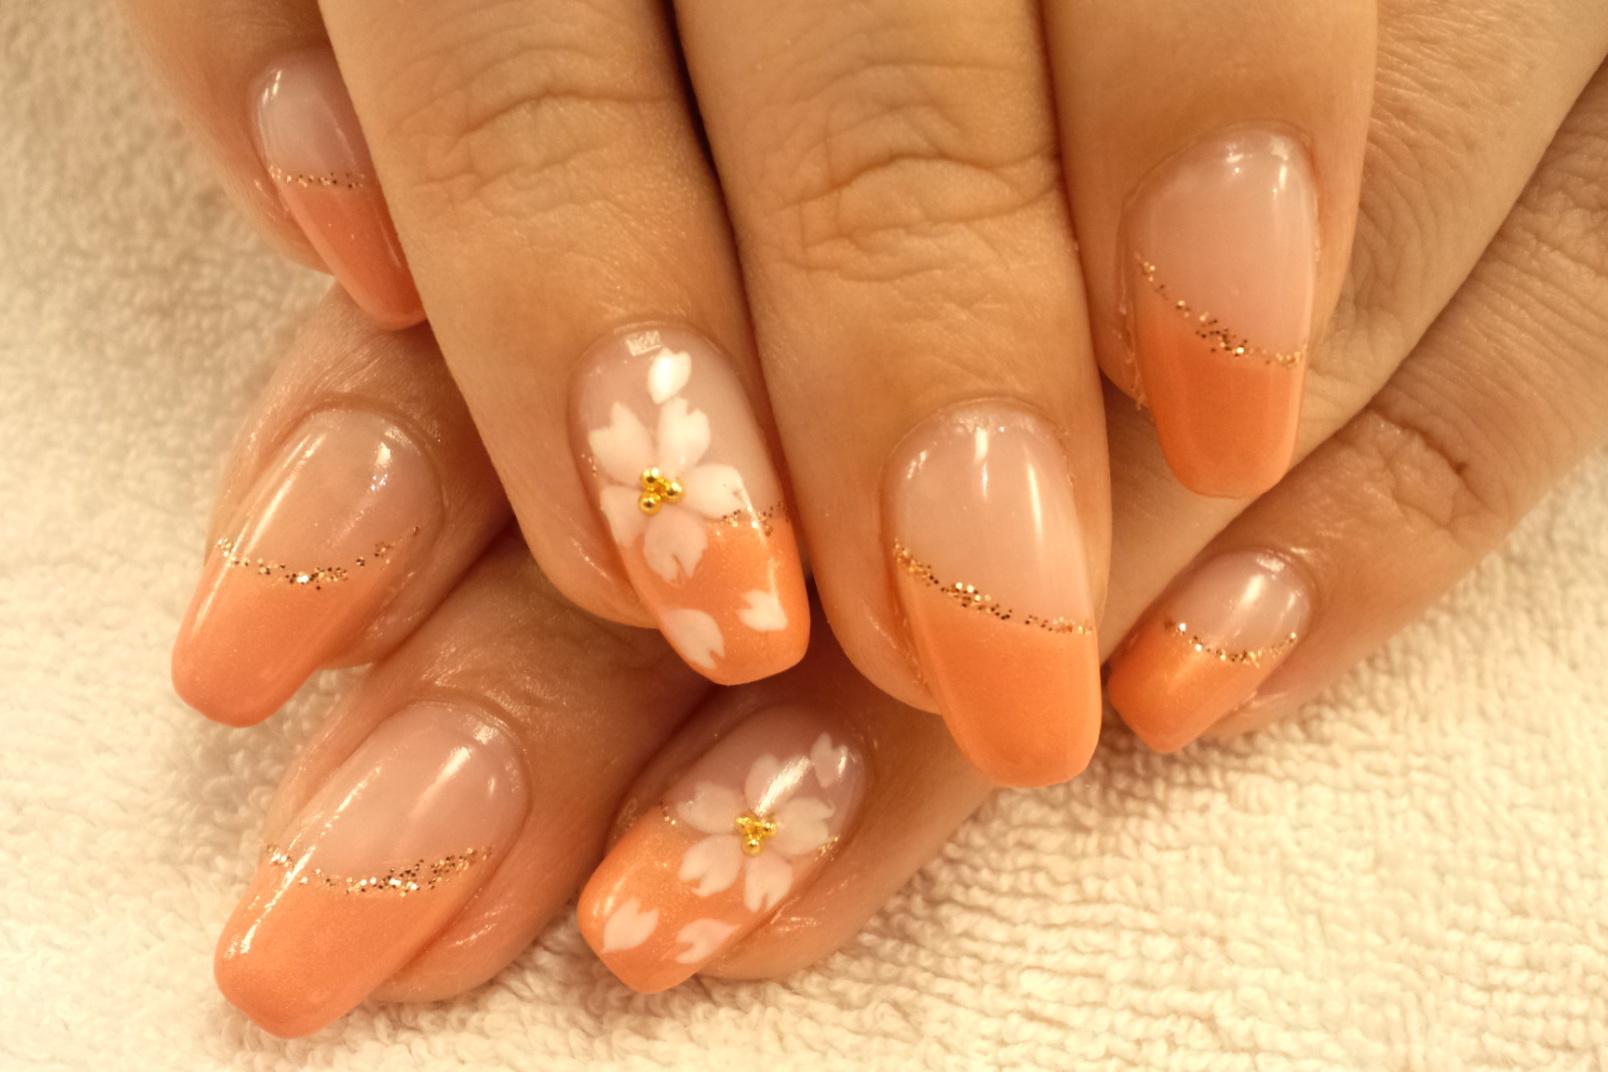 ネイル春 ネイルデザイン ネイル桜 桜ネイル春  ジェル桜 斜めフレンチ桜 斜めフレンチピンク